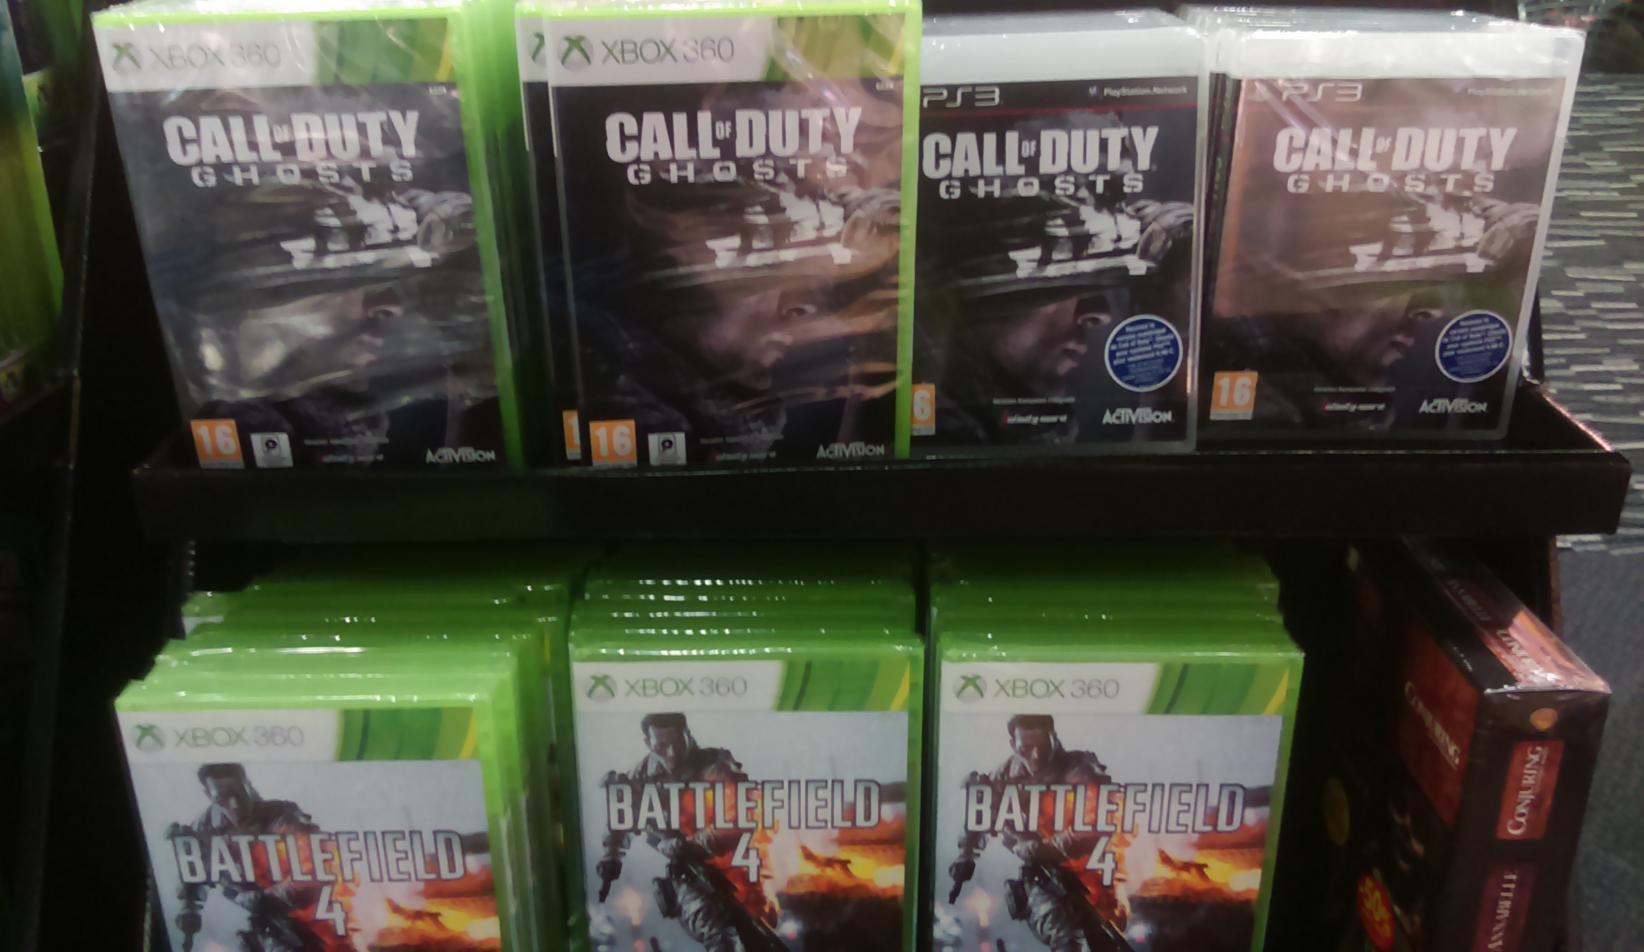 Sélection de jeux et packs consoles Xbox 360 et PS3 en promotion - Ex : Battlefield 4 sur Xbox 360